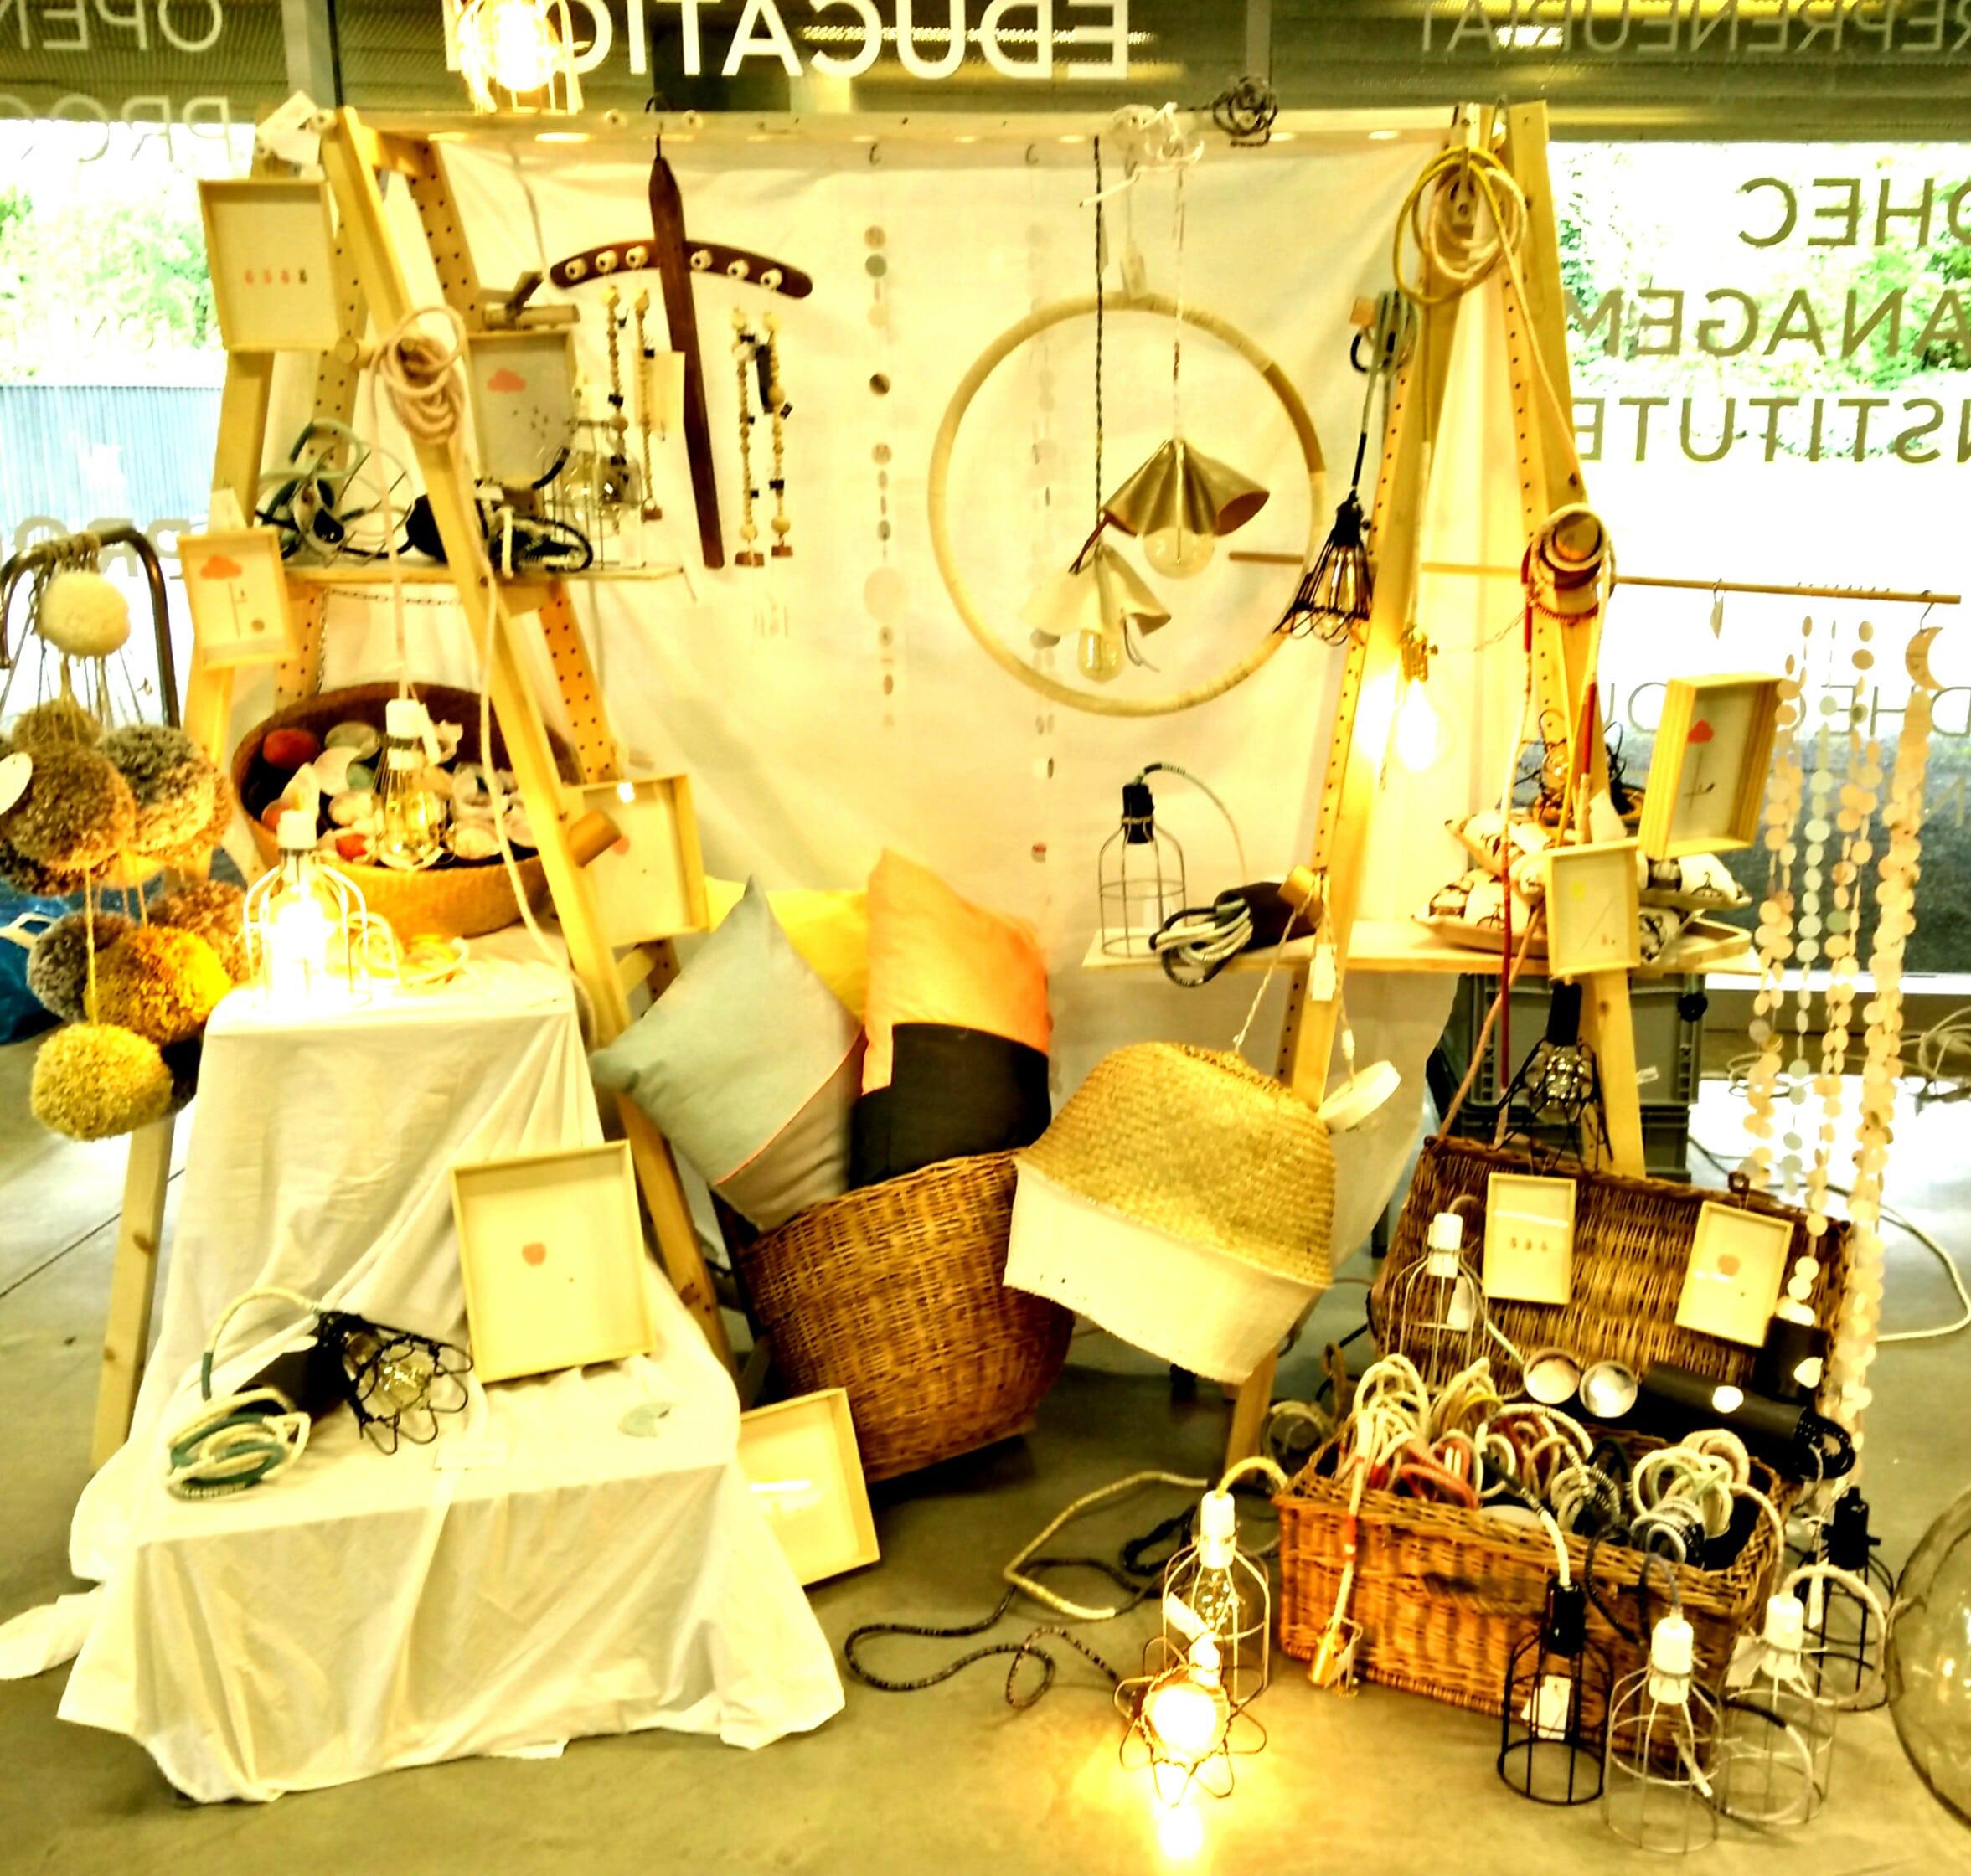 Objets de décoration uniques et personnalisés niiu moon - chicon choc blog de bonnes adresses lilloises